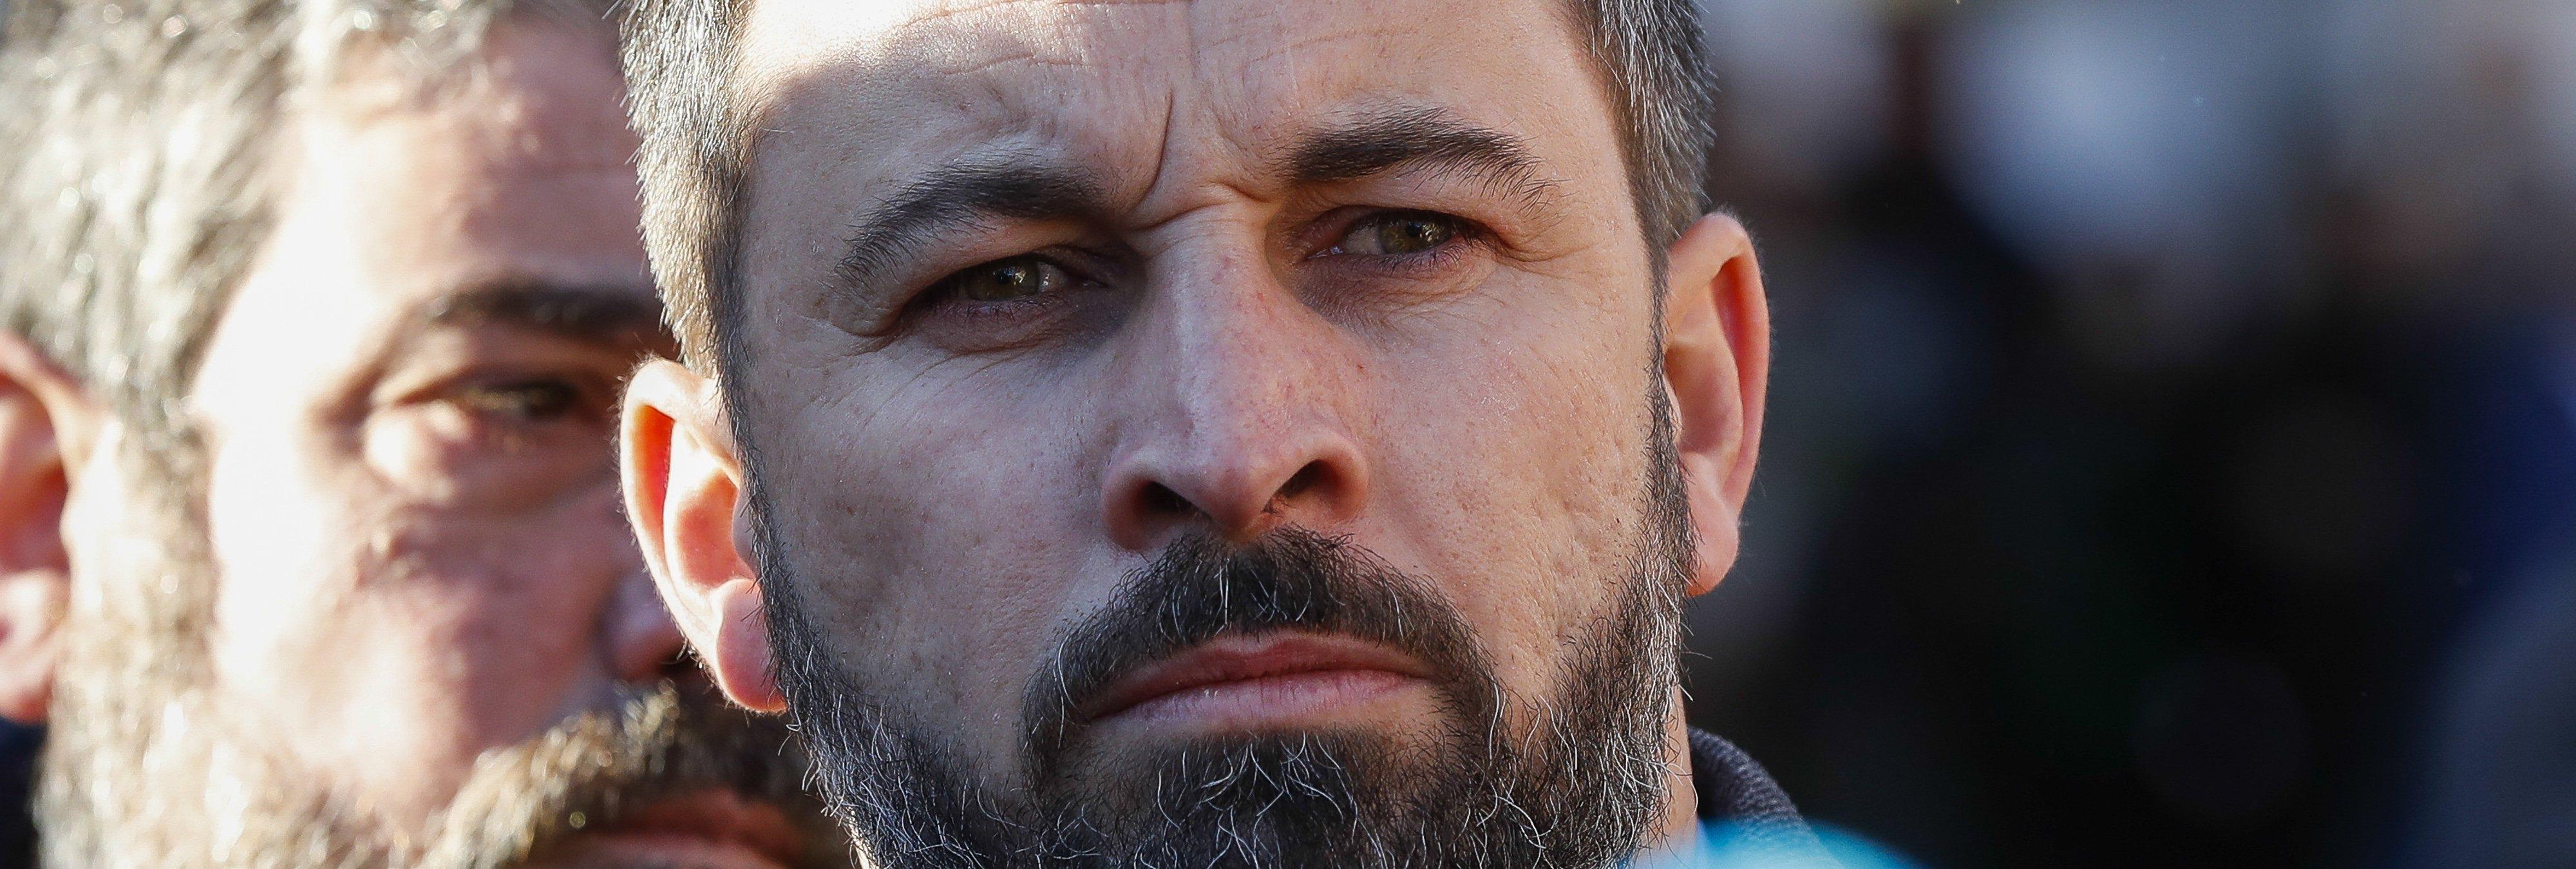 Santiago Abascal se llevó 82.000 euros por dirigir una fundación pública que no dio resultados